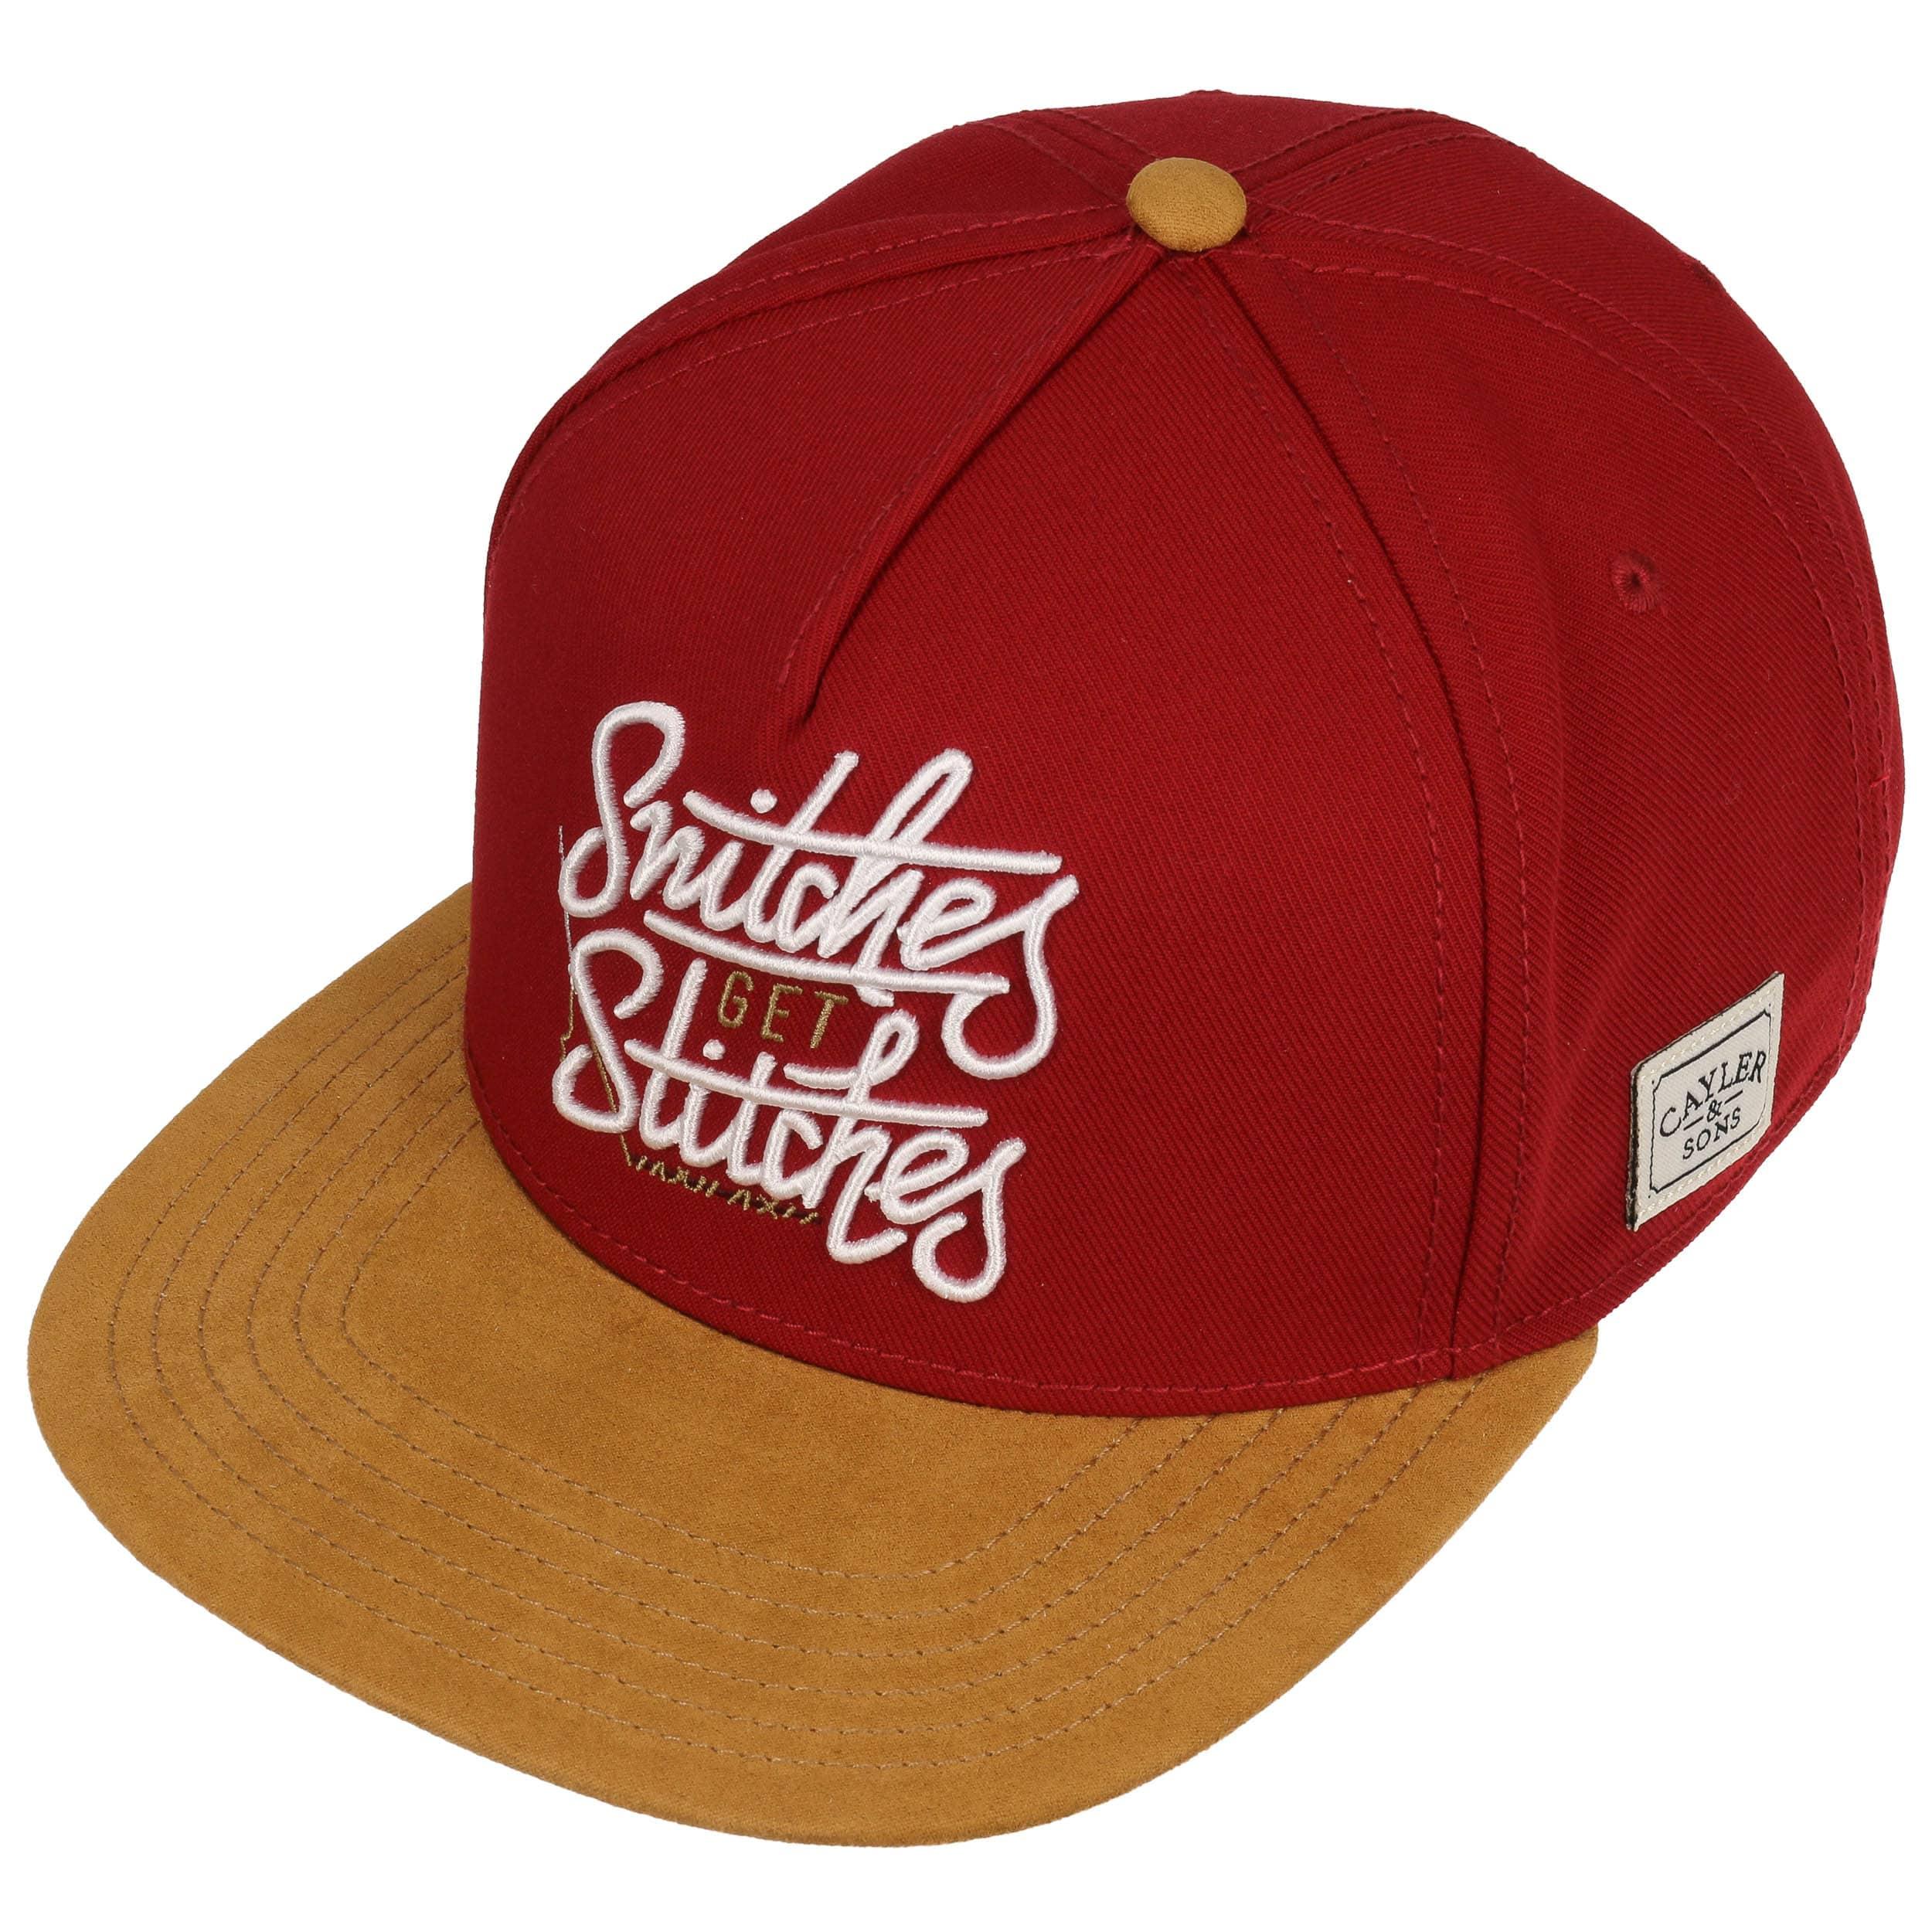 przedstawianie nowe tanie kup dobrze Get Stitches Snapback Cap by Cayler & Sons